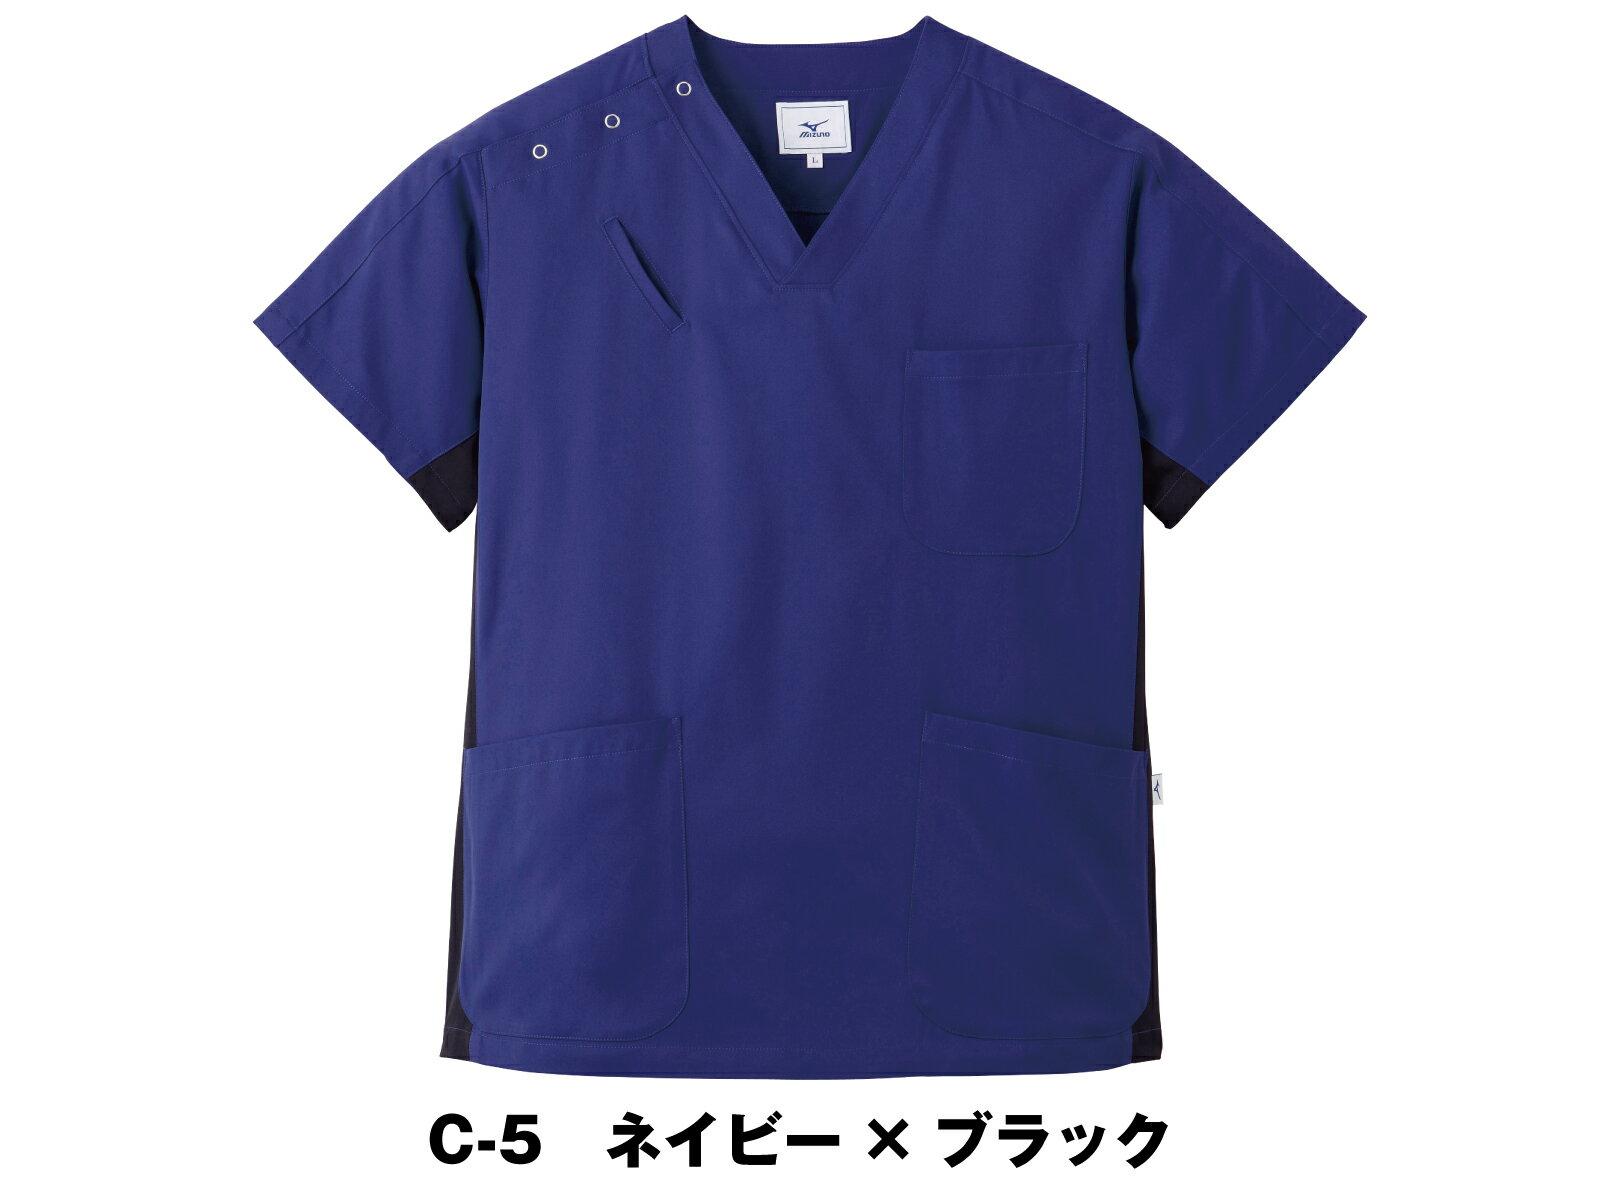 スクラブ 白衣 unite×ミズノ ジャケット 男女兼用 半袖 スクラブ白衣 MZ-0073